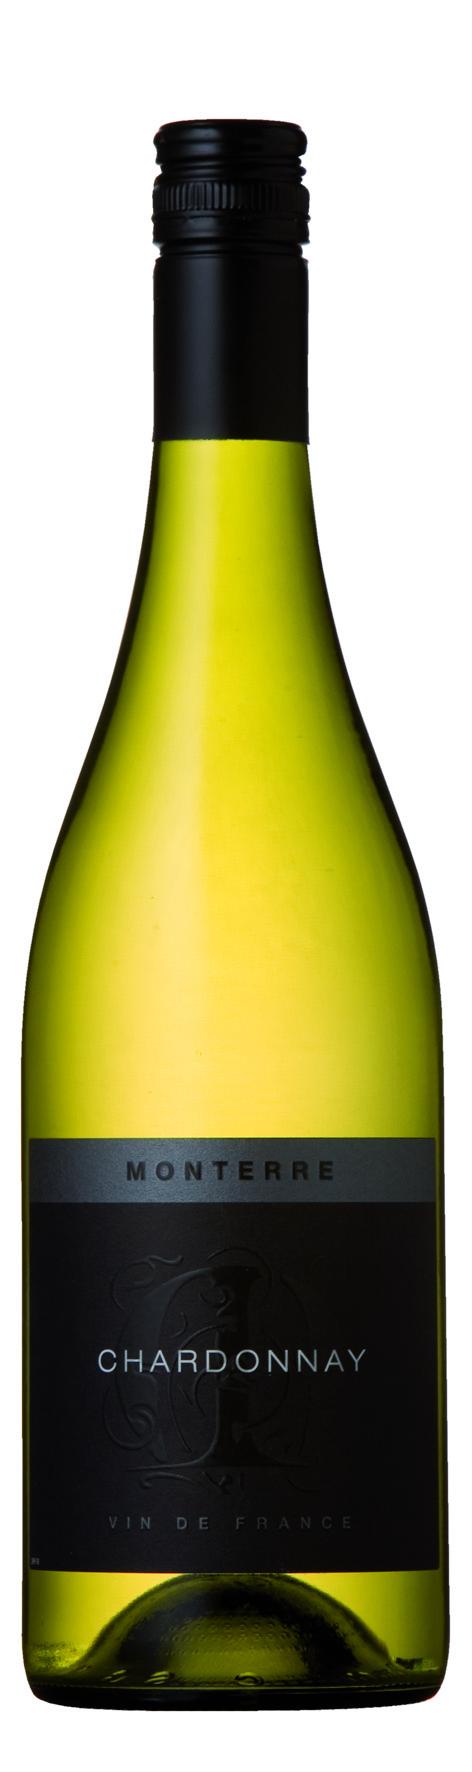 Monterre, Chardonnay